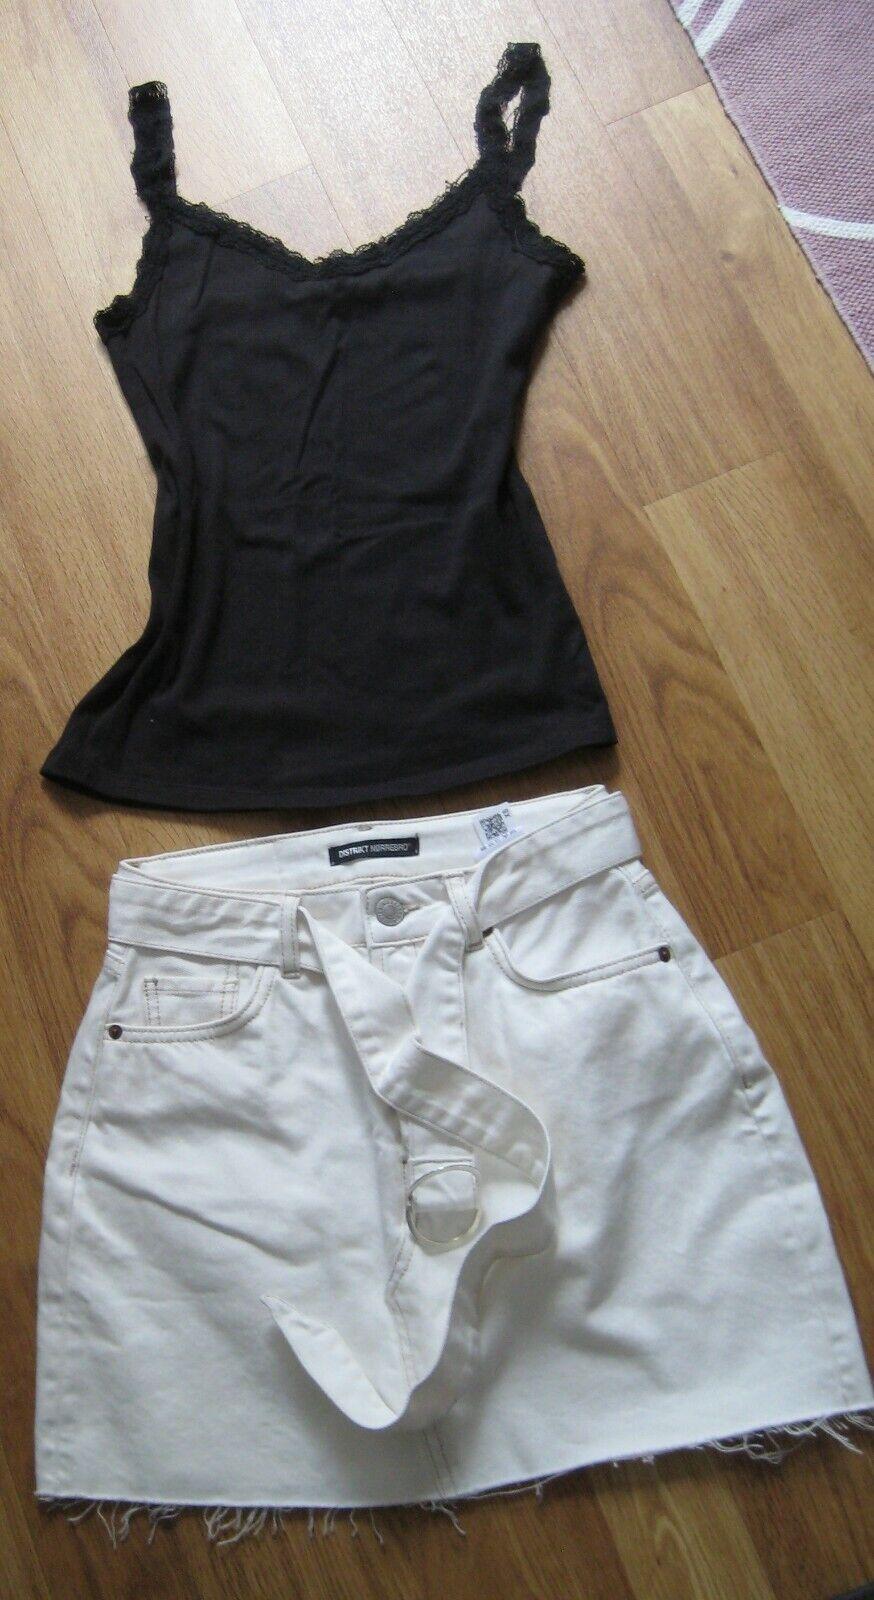 Stylische Kombi - Jeans-Minirock - weiß - weiß - Mango - Top - schwarz - 34/36